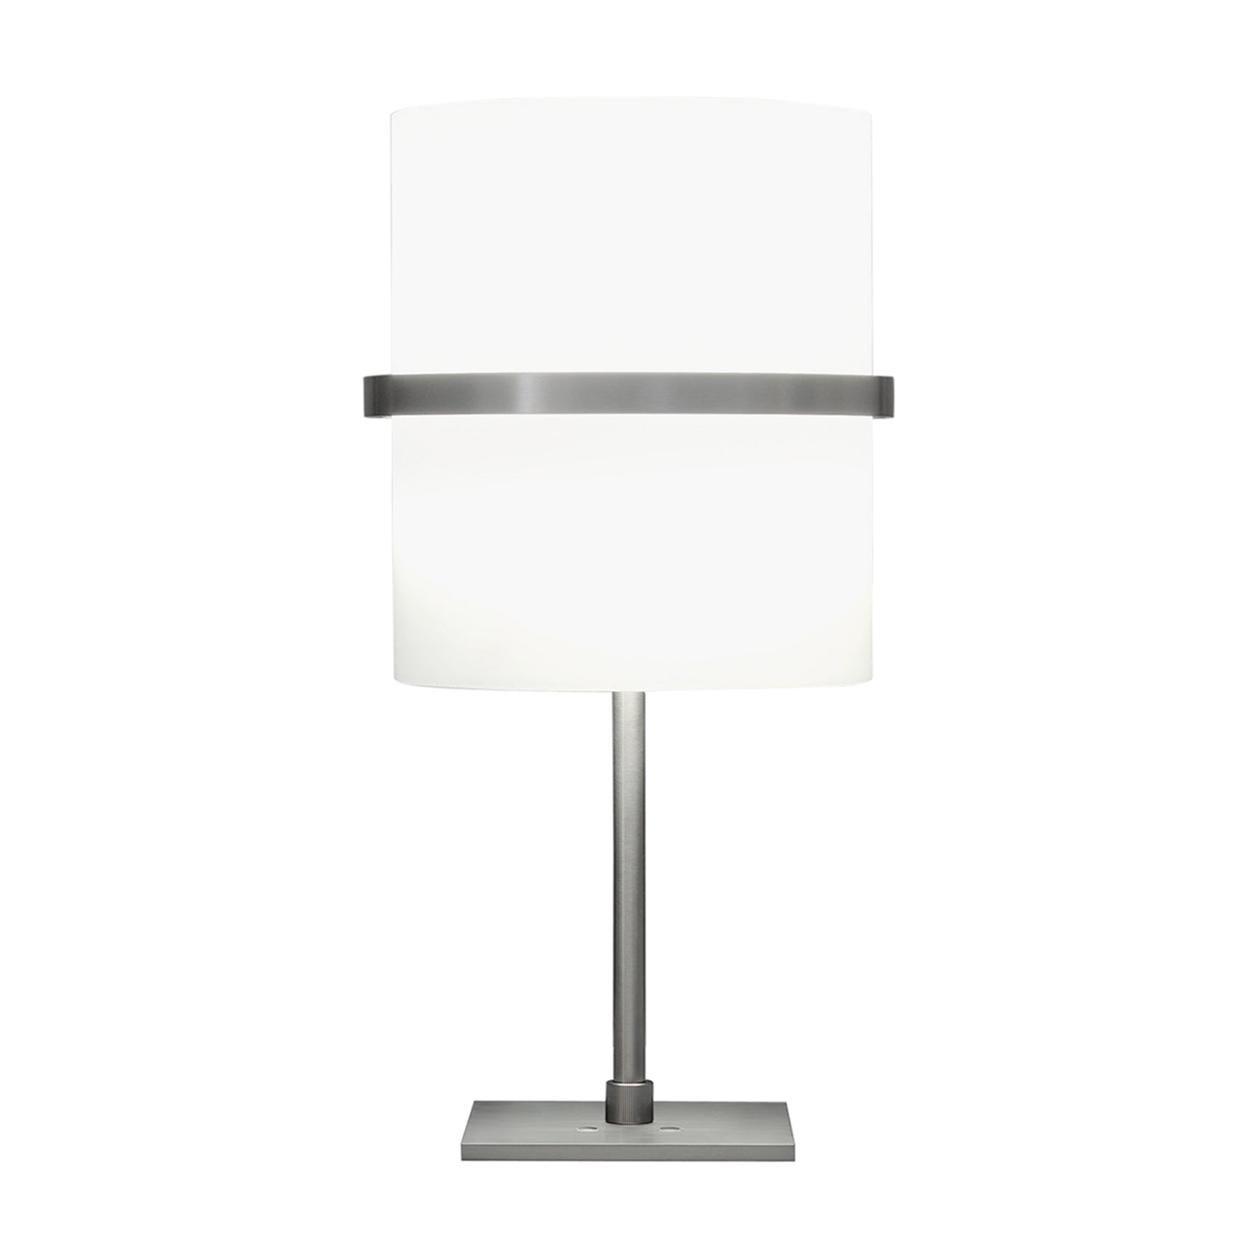 Firmamento Milano Boa Table Lamp by Carlo Guglielmi